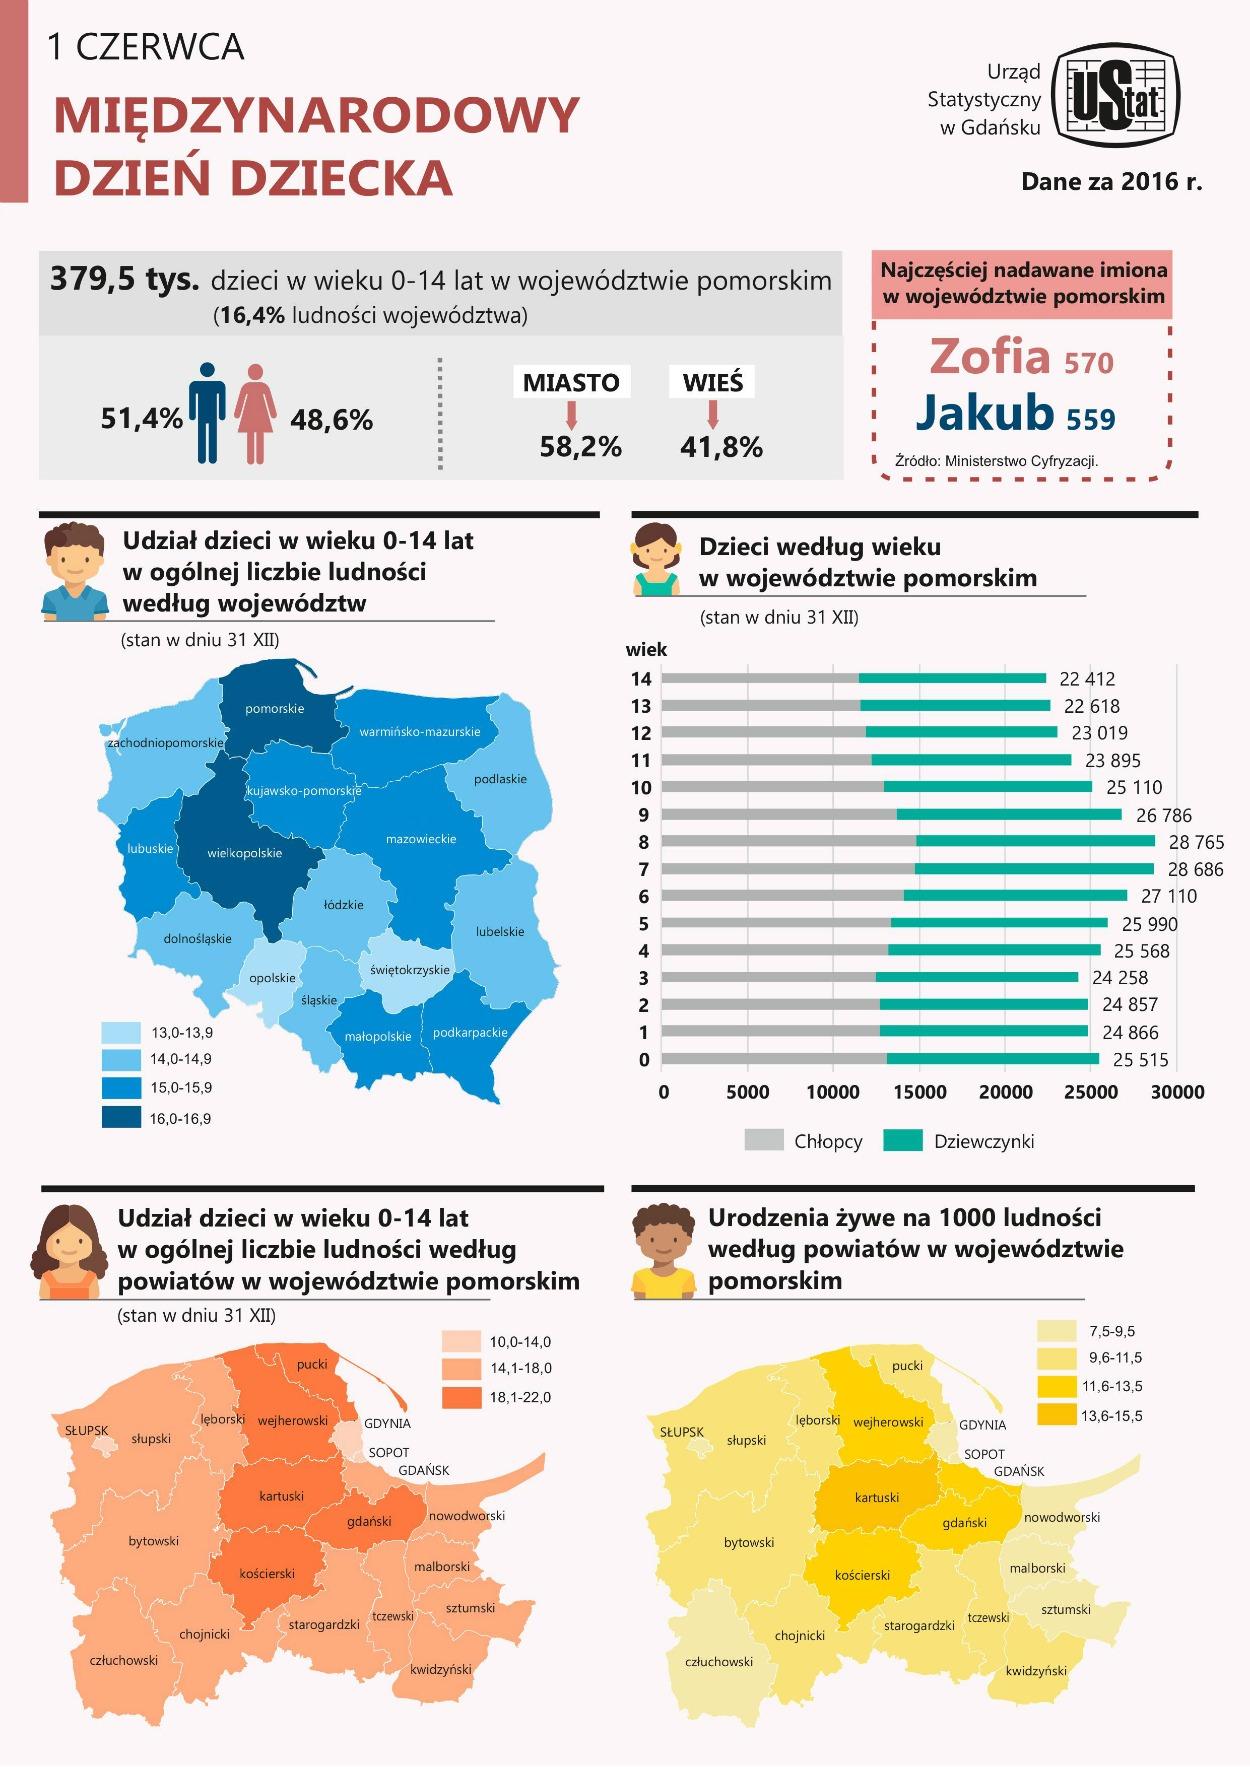 Dzień Dziecka - dane statystyczne